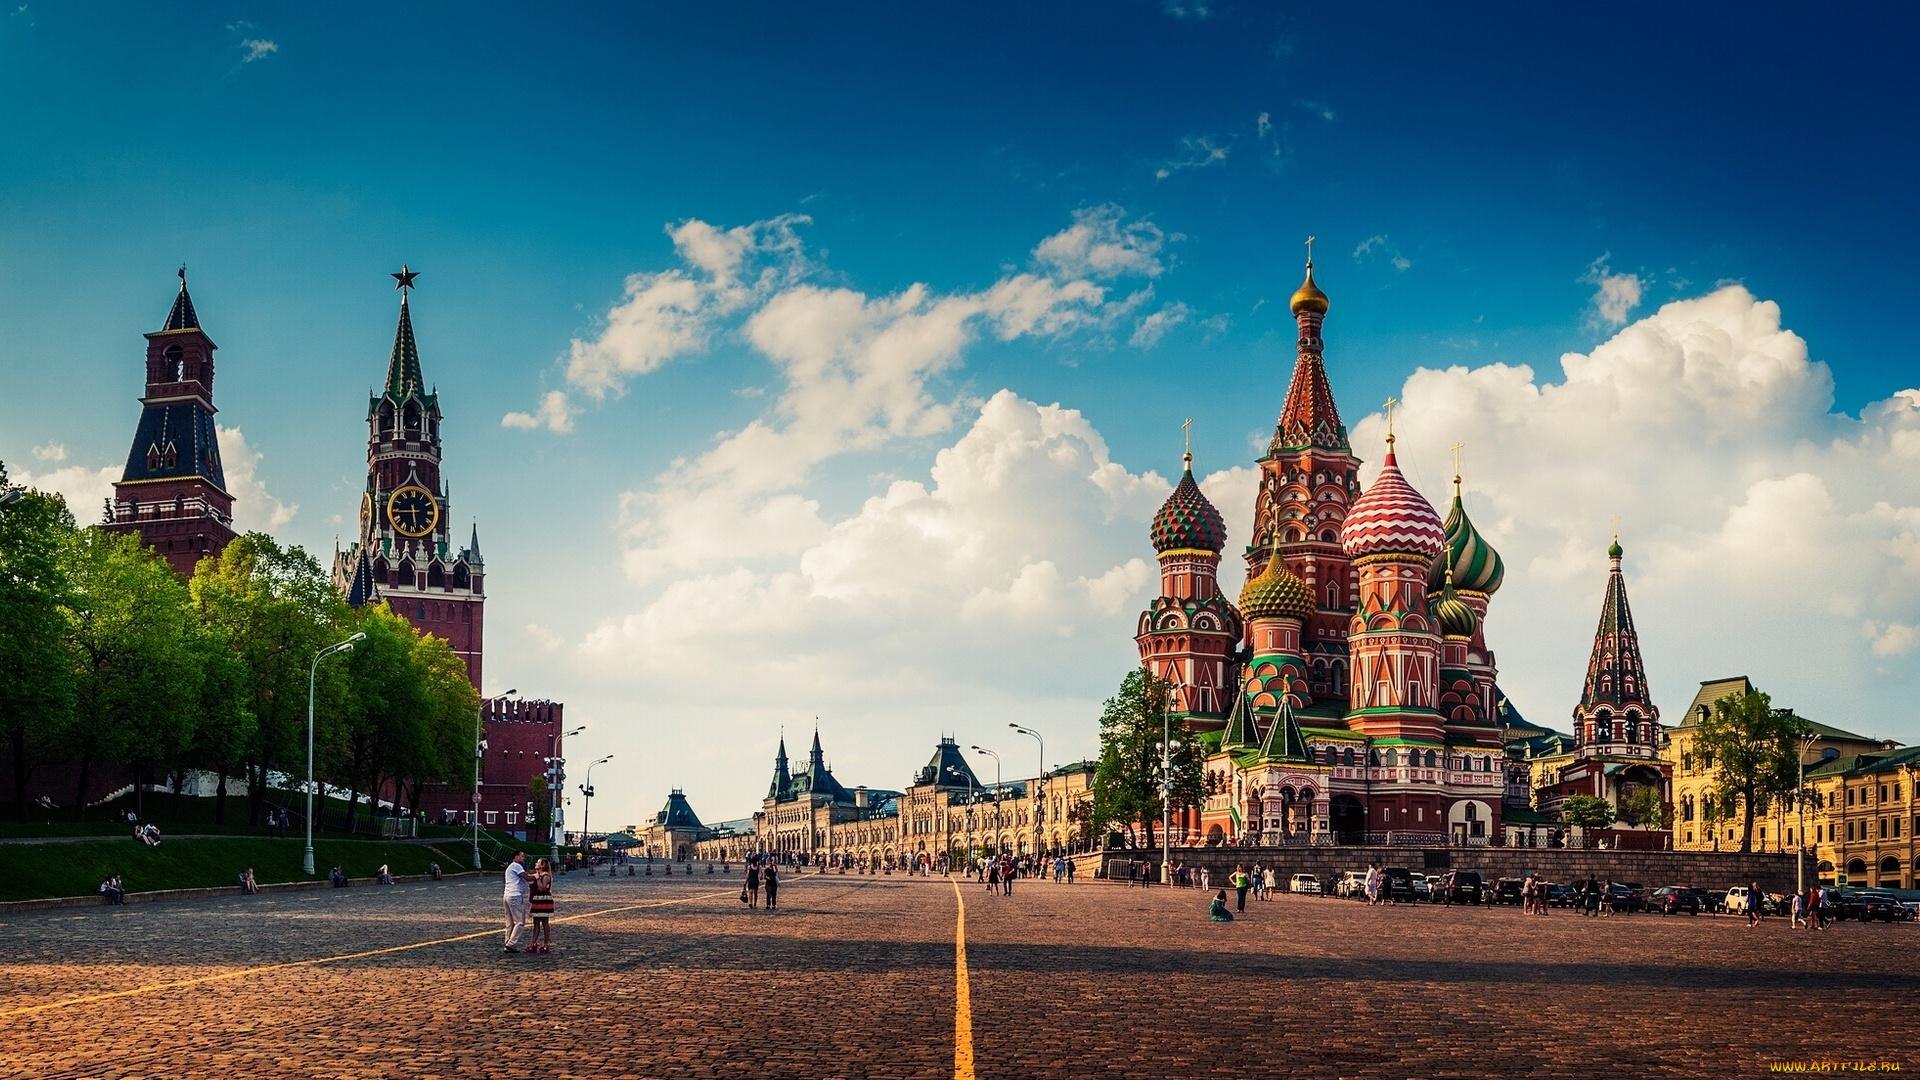 Поздравлениями вдв, картинки городов москва